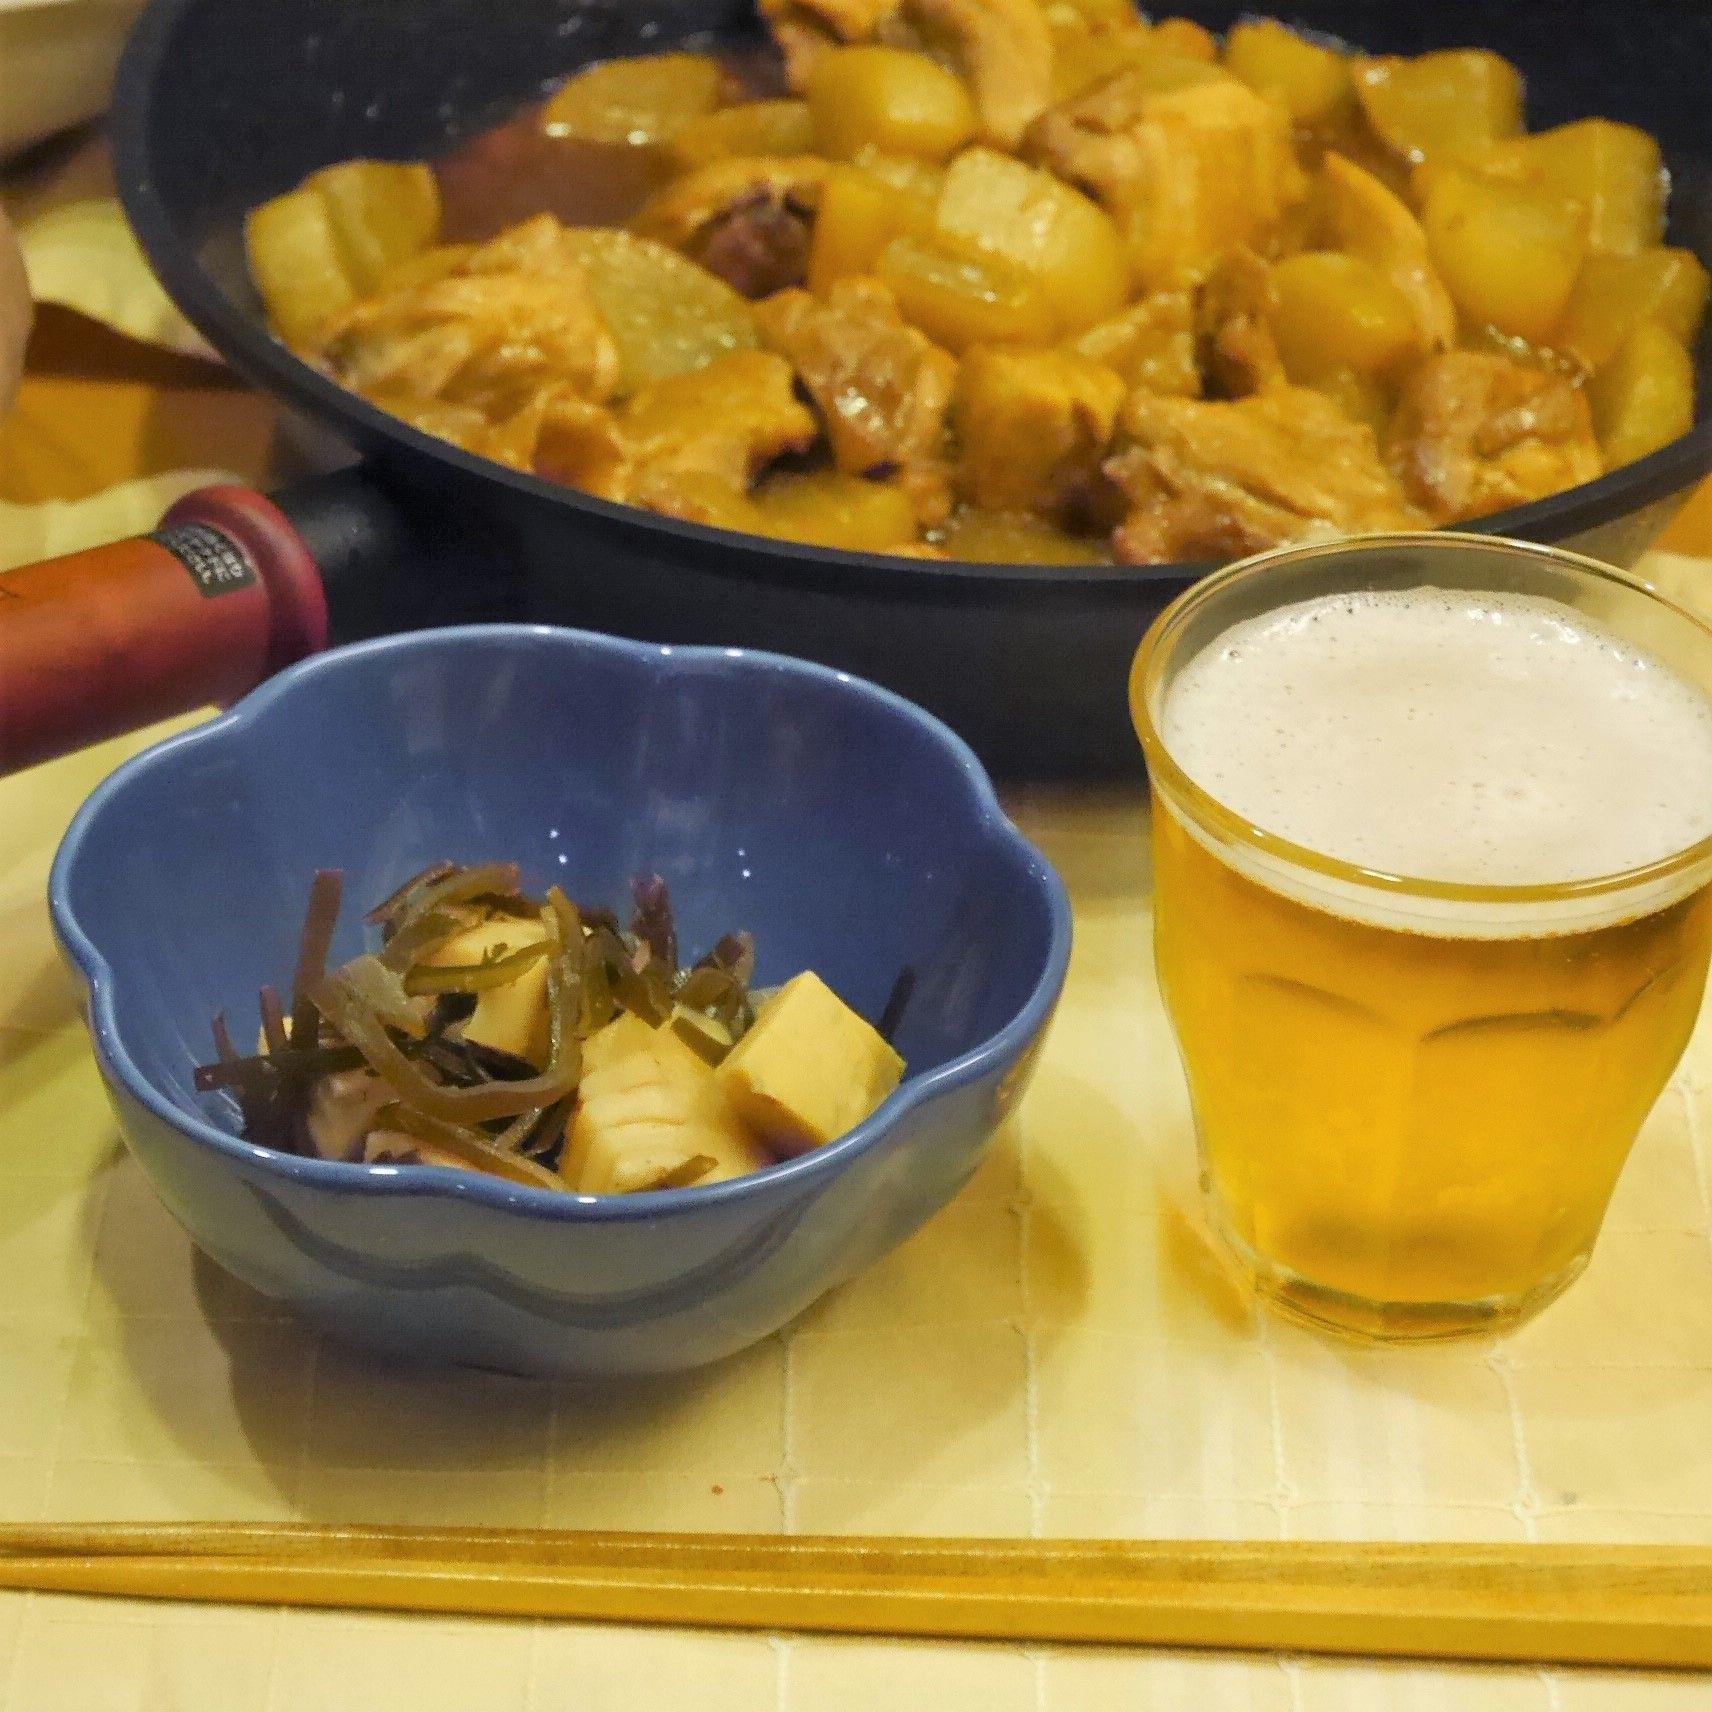 『もう一品』竹の子_竹の子と真昆布の煮物_食卓